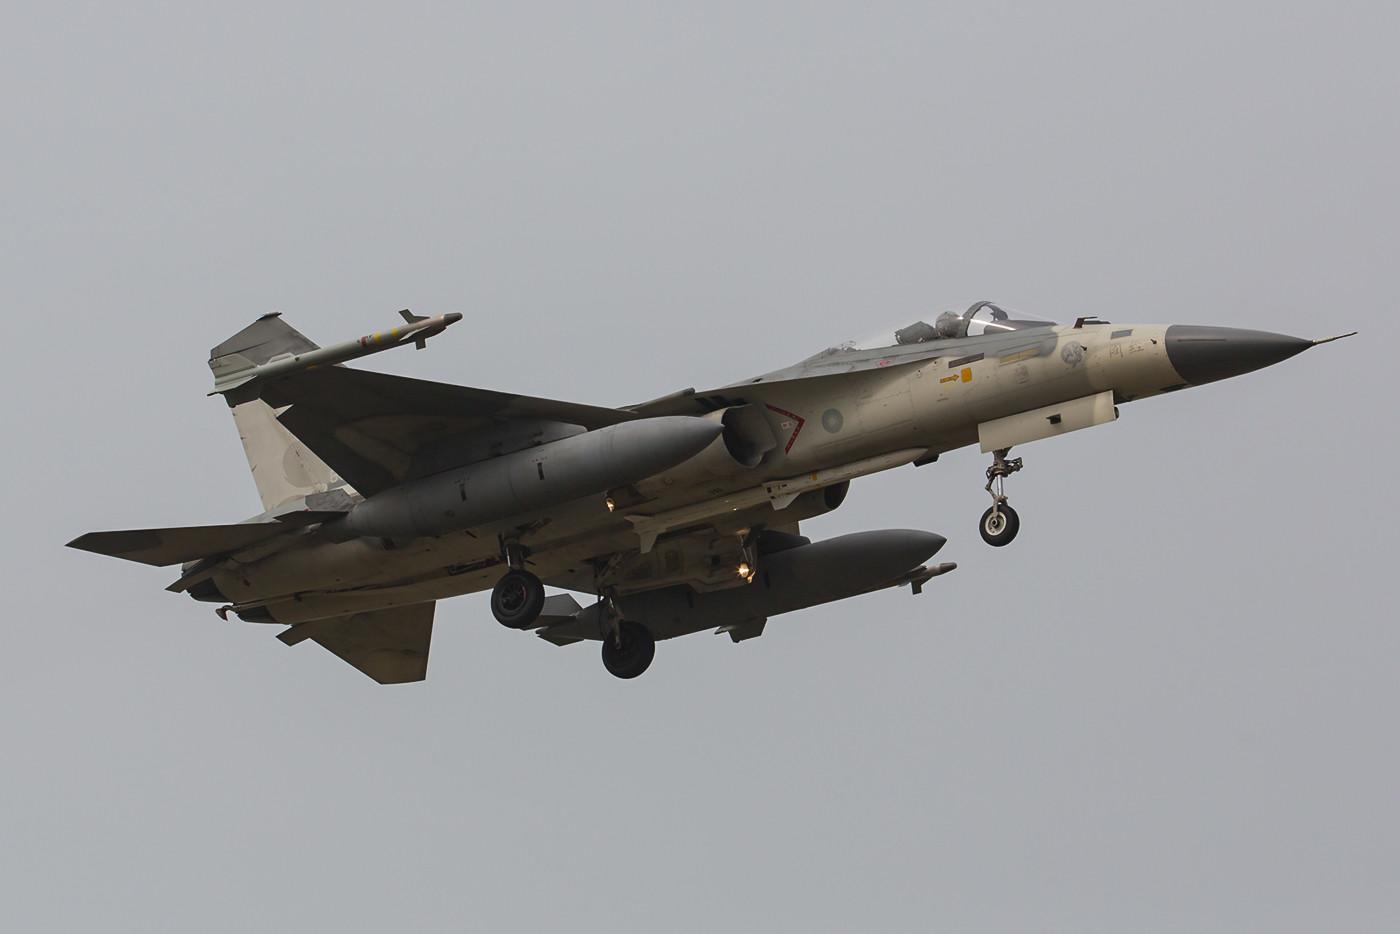 """QRA-Maschine der 9th TFW mit zwei AIM-9 Sidewinder und einer """"Tien Chien 2"""" die aus der AIM-120 AMRAAM entwickelt wurde."""